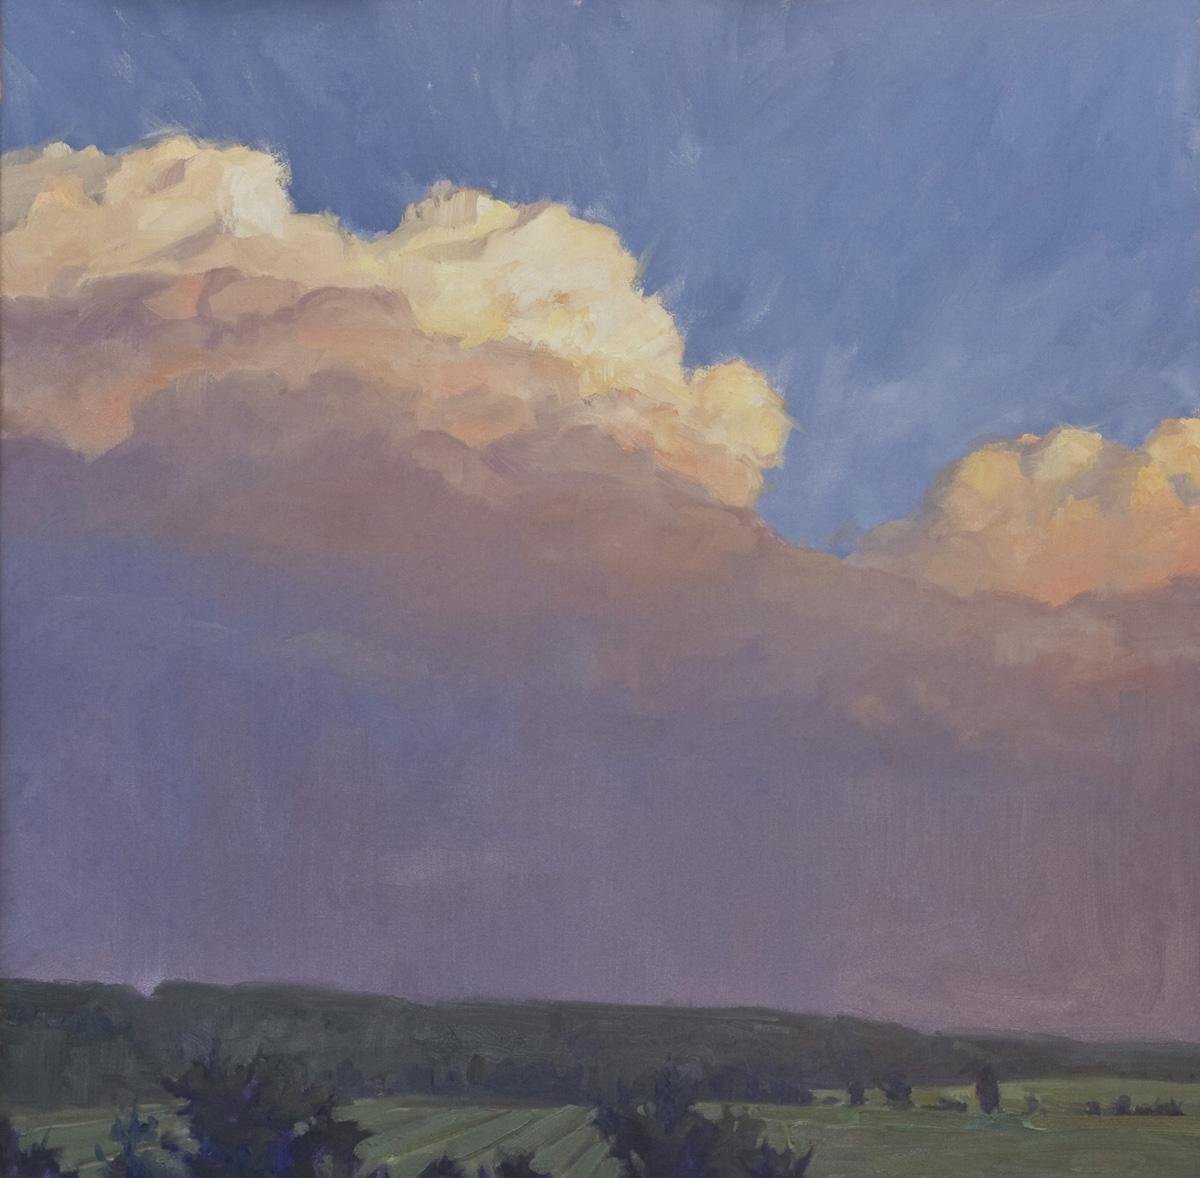 June Cloud Bank